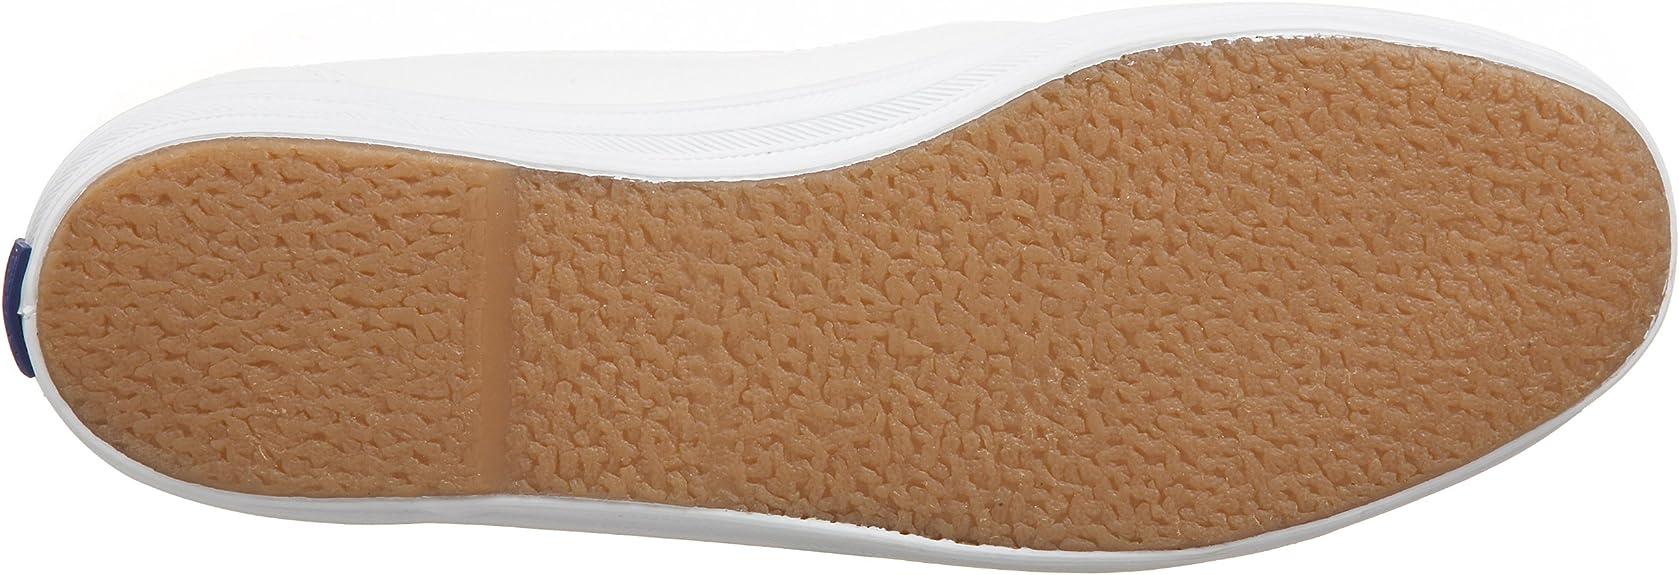 Ginger US9.0 M Keds Mens Champ Loafer Leather